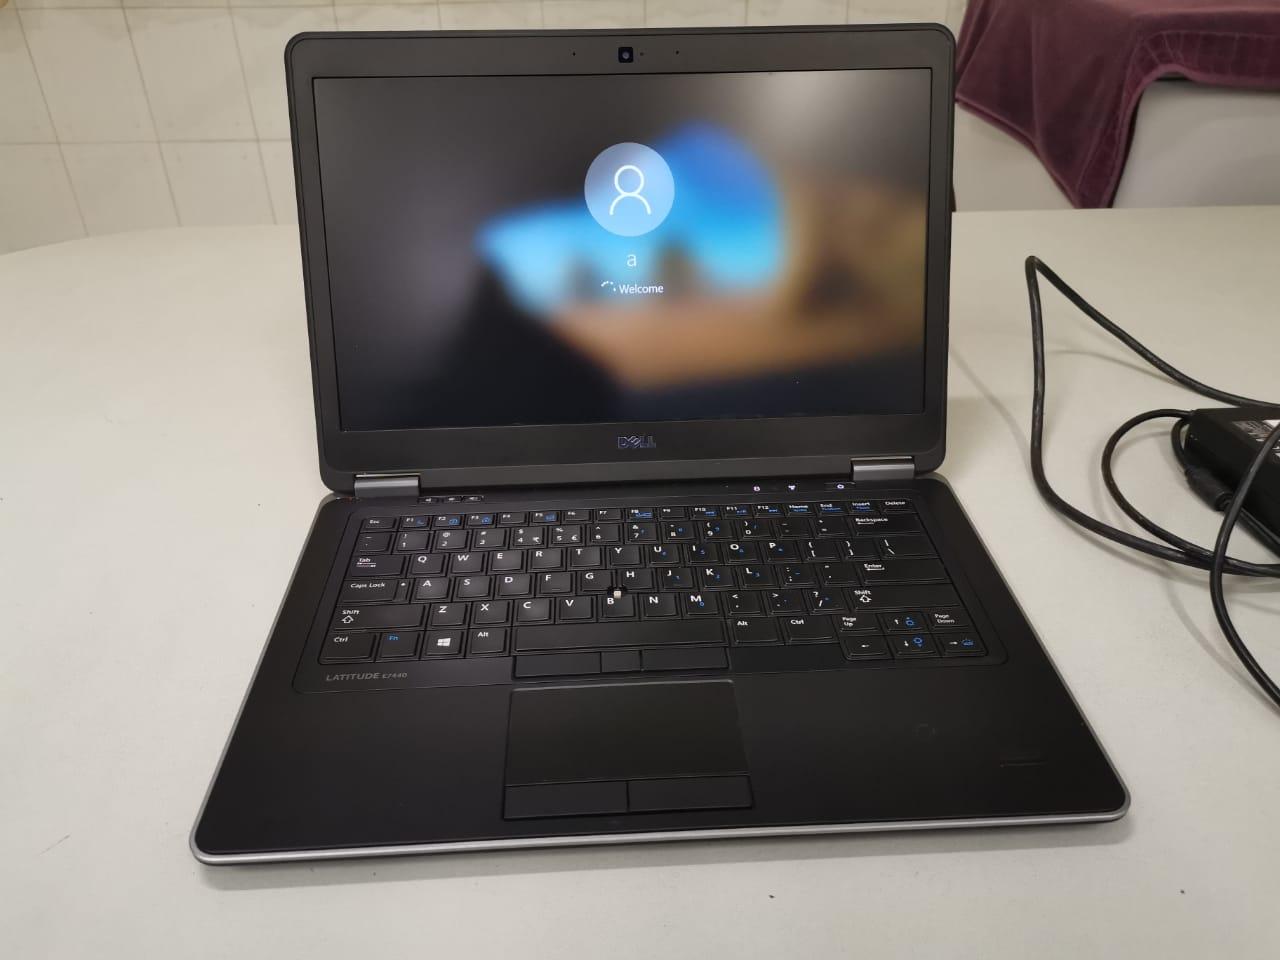 Dell Latitude E7440 Intel core i5 4310U CPU @2.00Ghz  2.59 Ghz